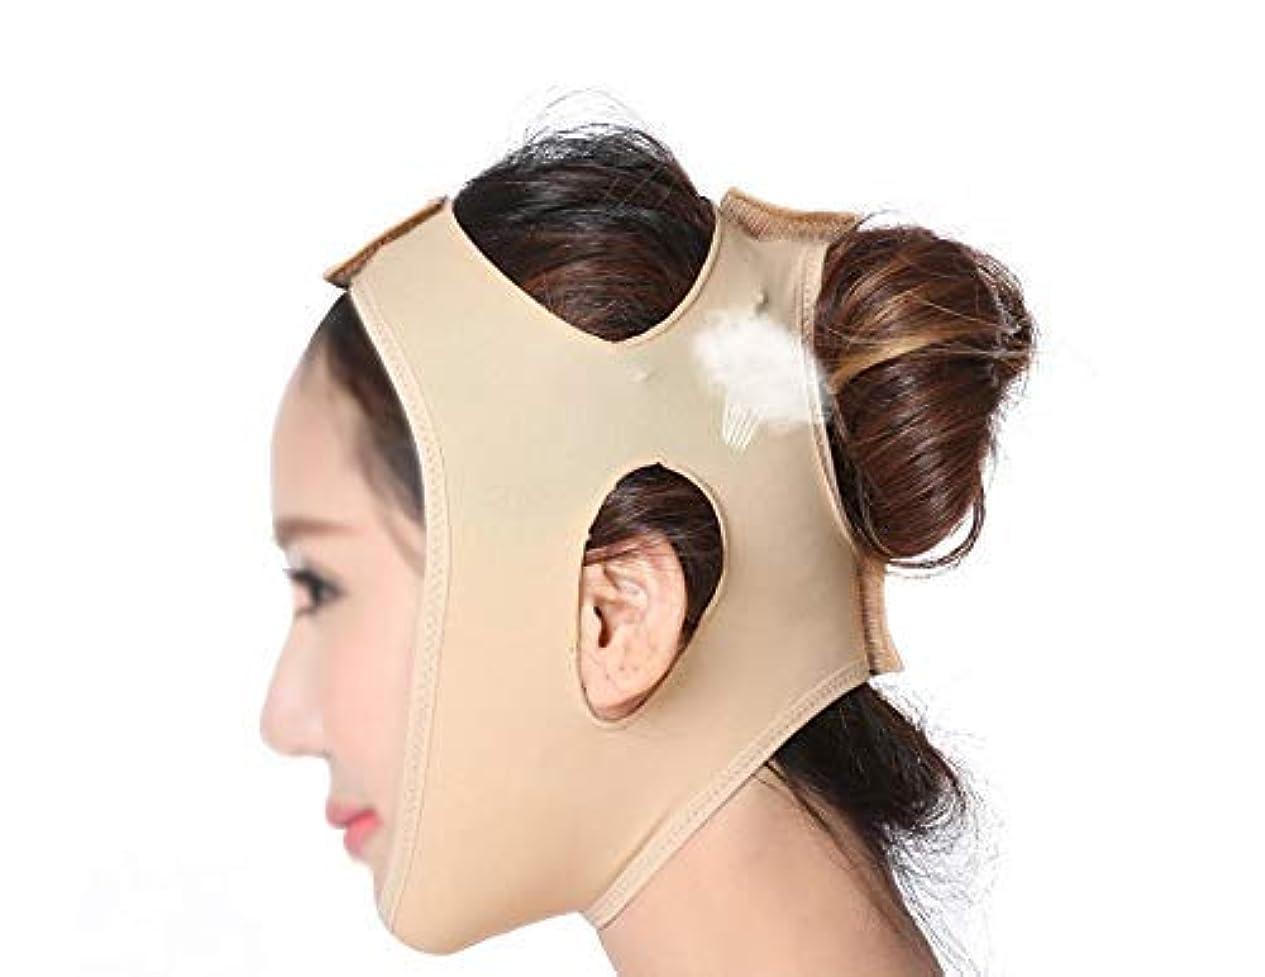 ジム農奴表現引き締めフェイスマスク、フェイシャルマスク睡眠薄型フェイス包帯薄型フェイスマスクフェイスリフティングフェイスメロンフェイスVフェイスリフティング引き締めダブルチン美容ツール(サイズ:XL)